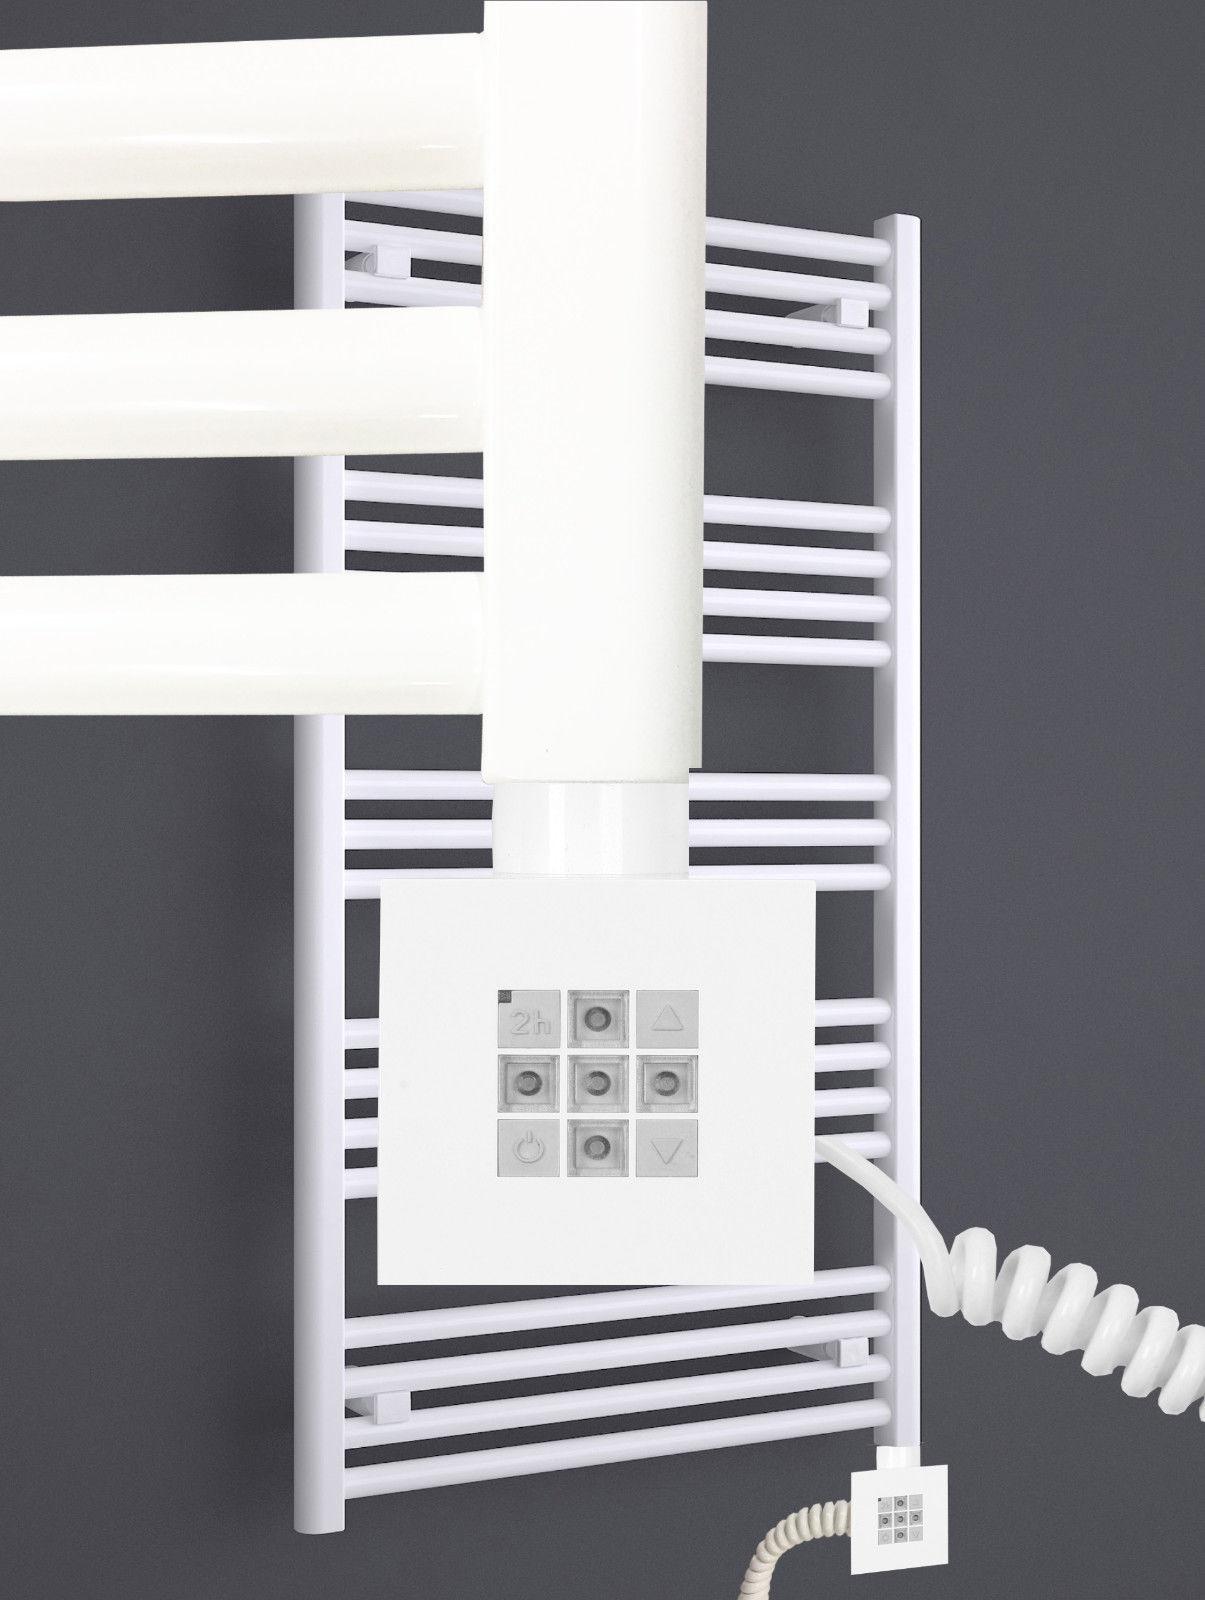 Elektro Badheizkörper MORA 1207 x 500 mm. Weiß rein elektrisch mit ...